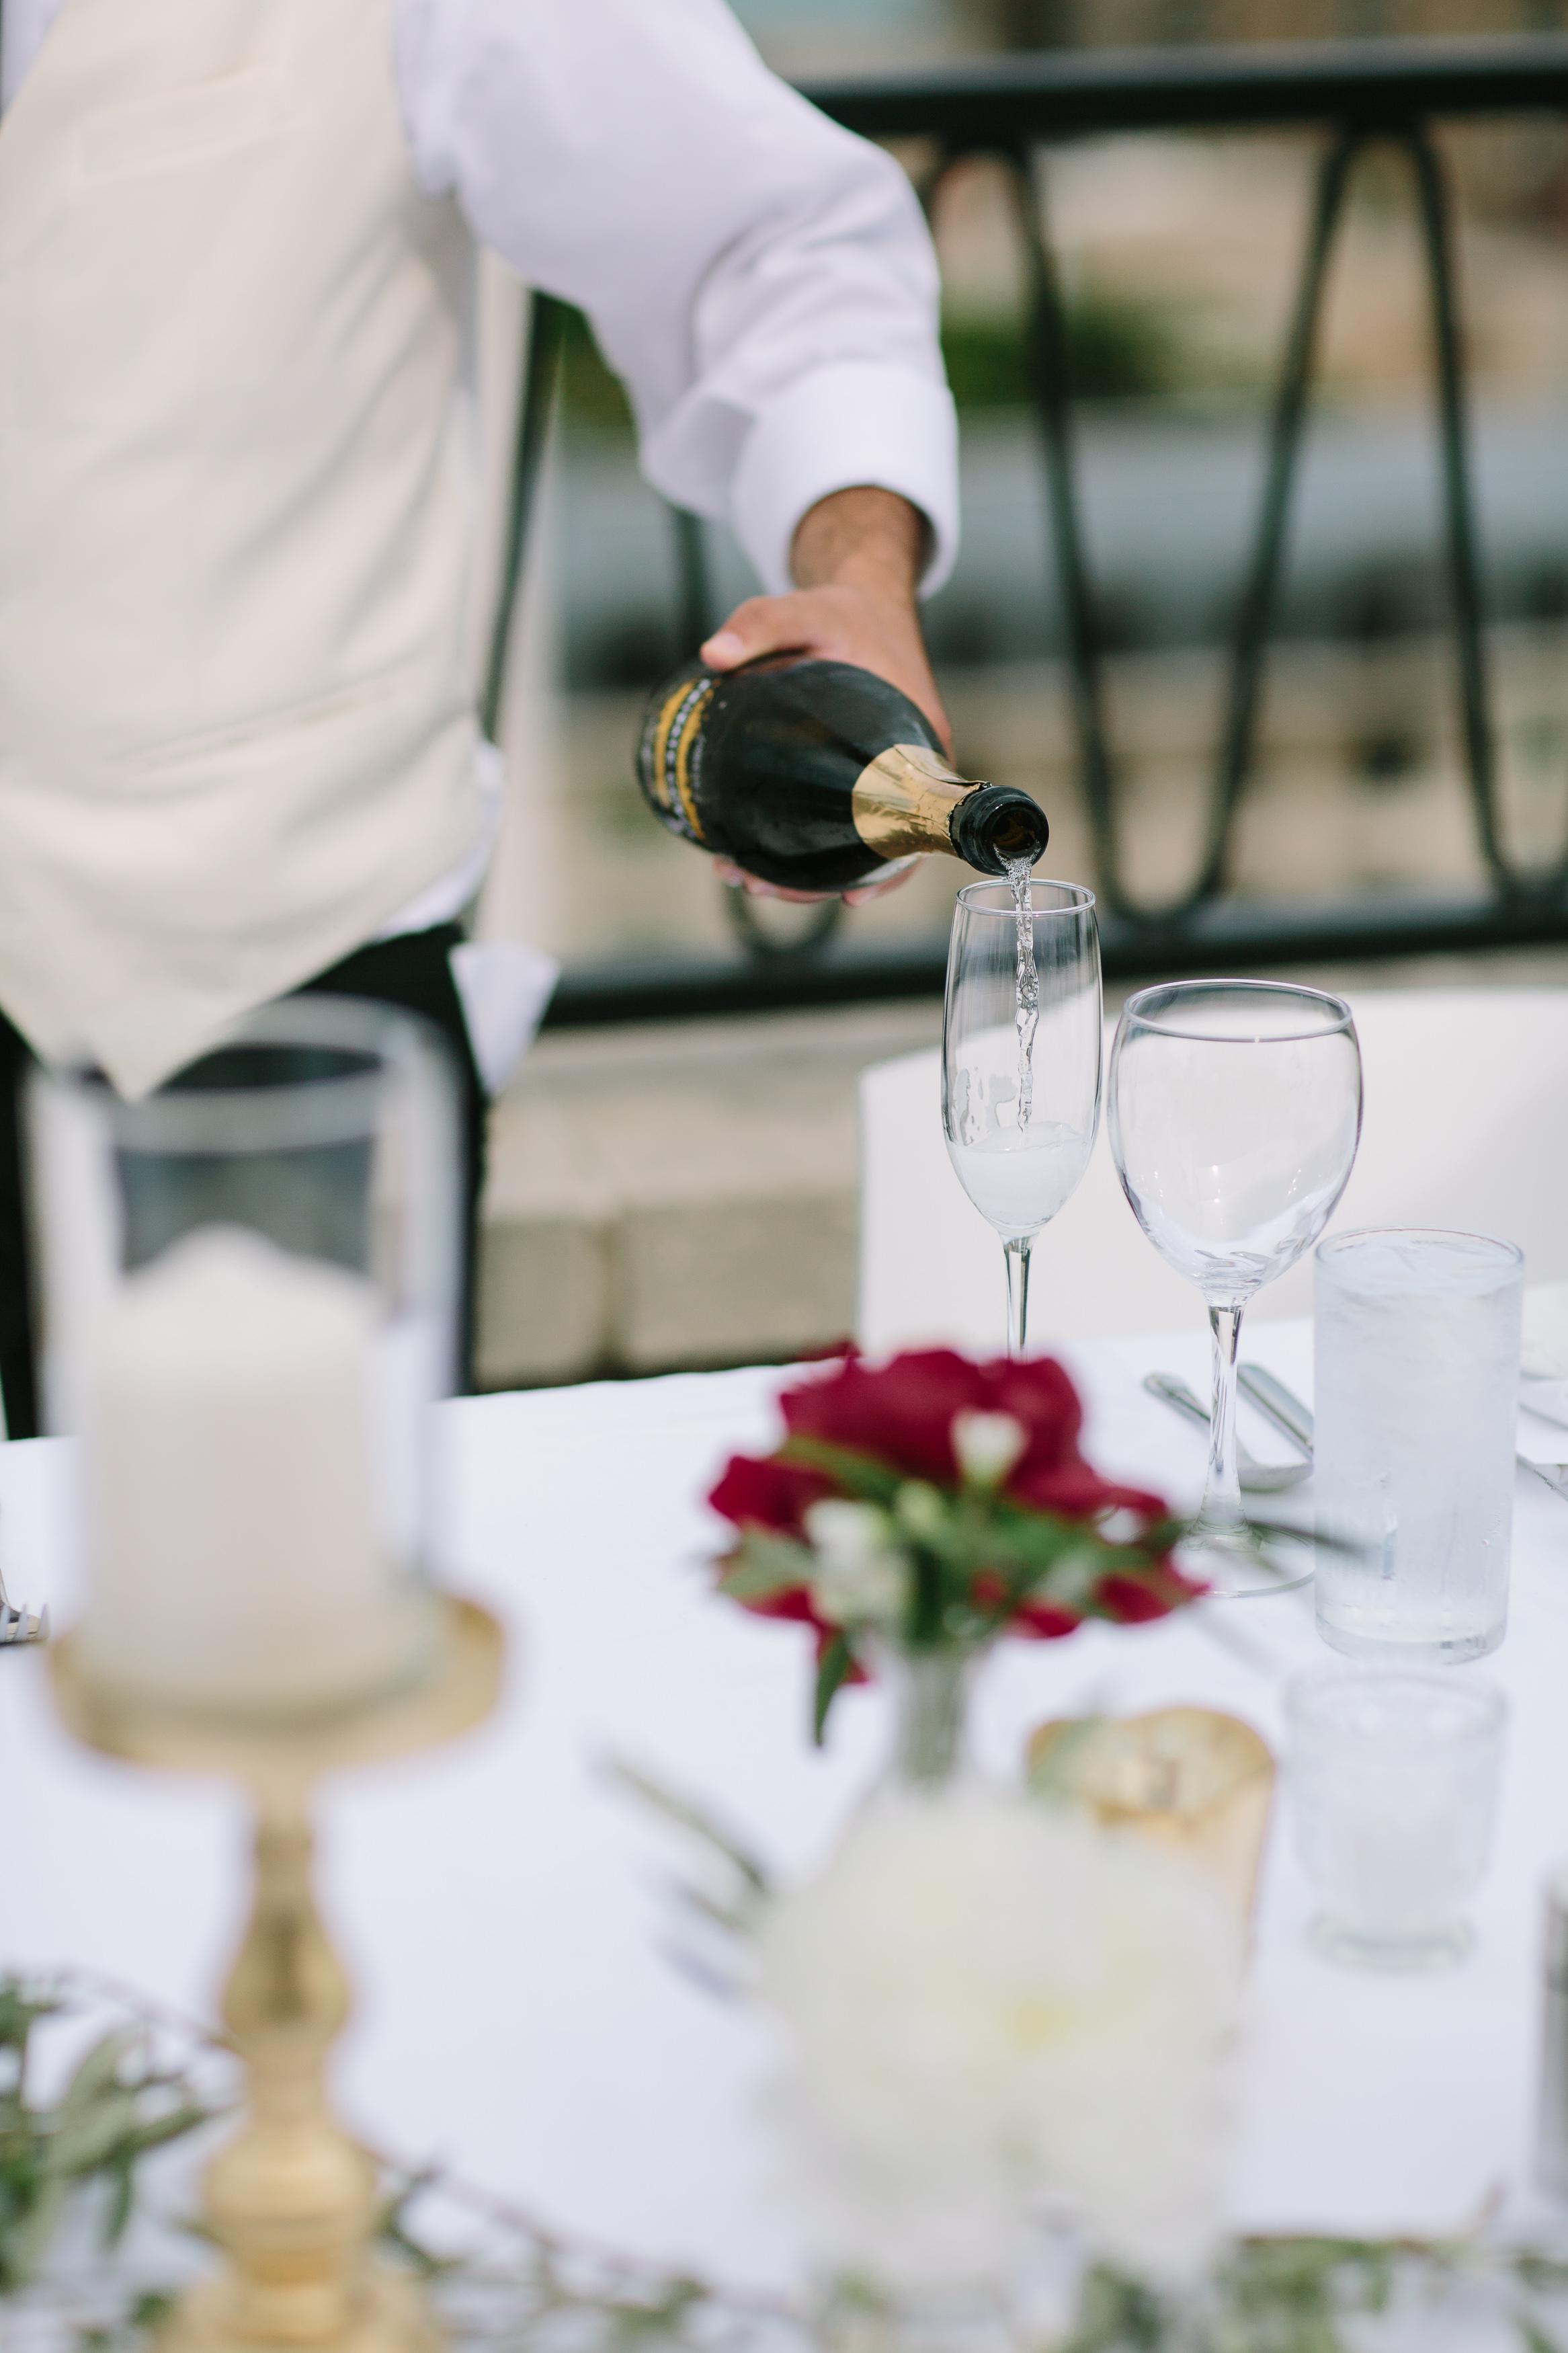 Nicodem Creative-Wang Wedding-Public Hotel Chicago-28.jpg